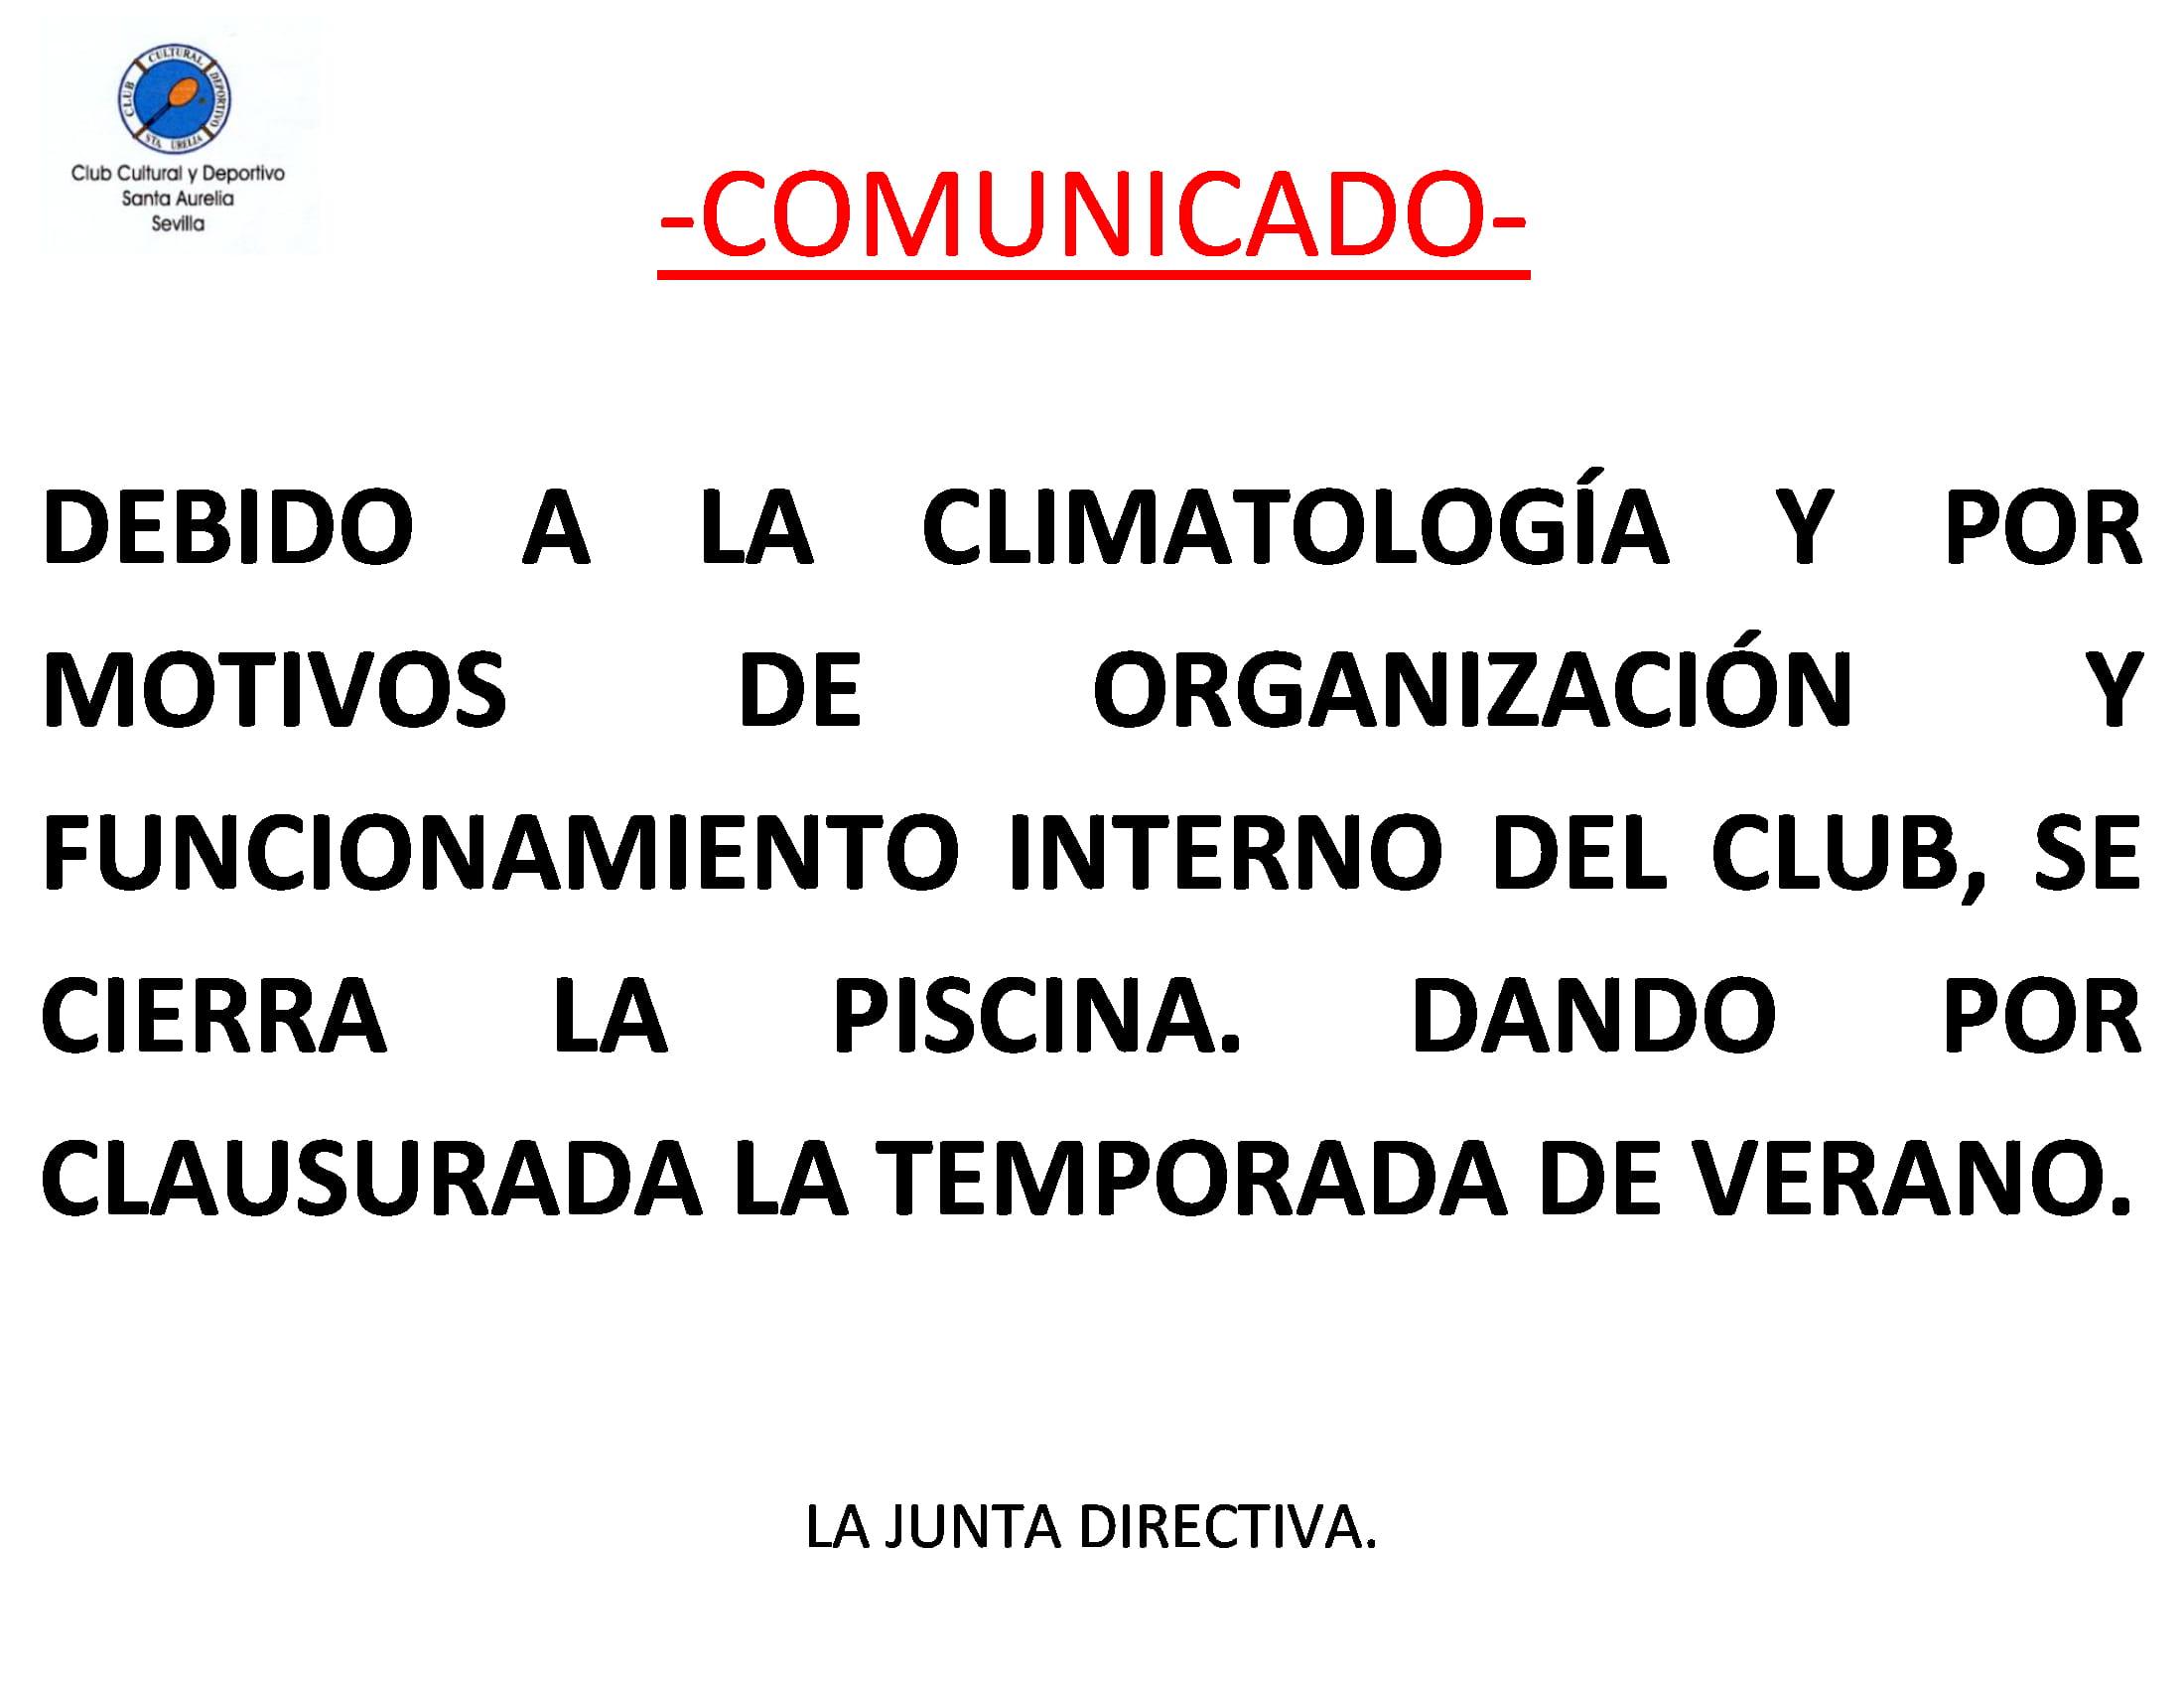 COMUNICADO CIERRE TEMPORADA DE PISCINA